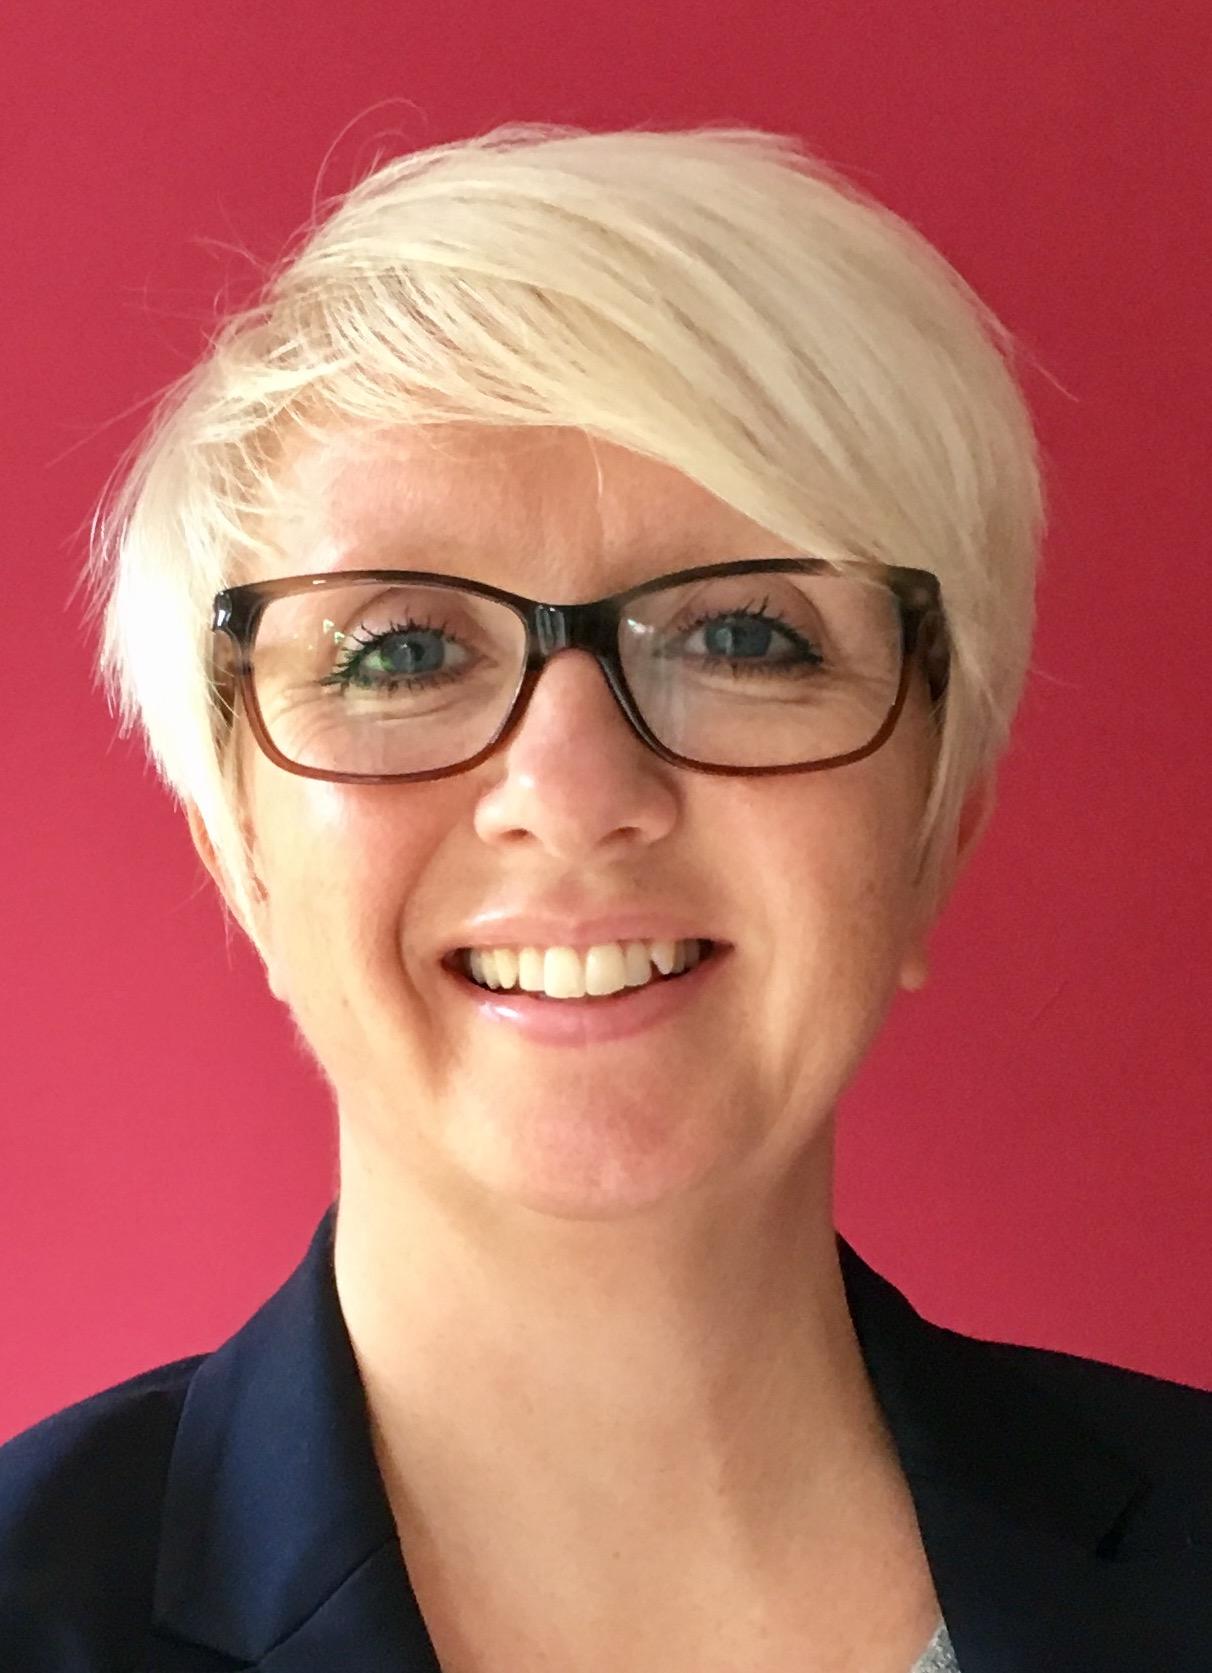 Sarah Maynard-Walker